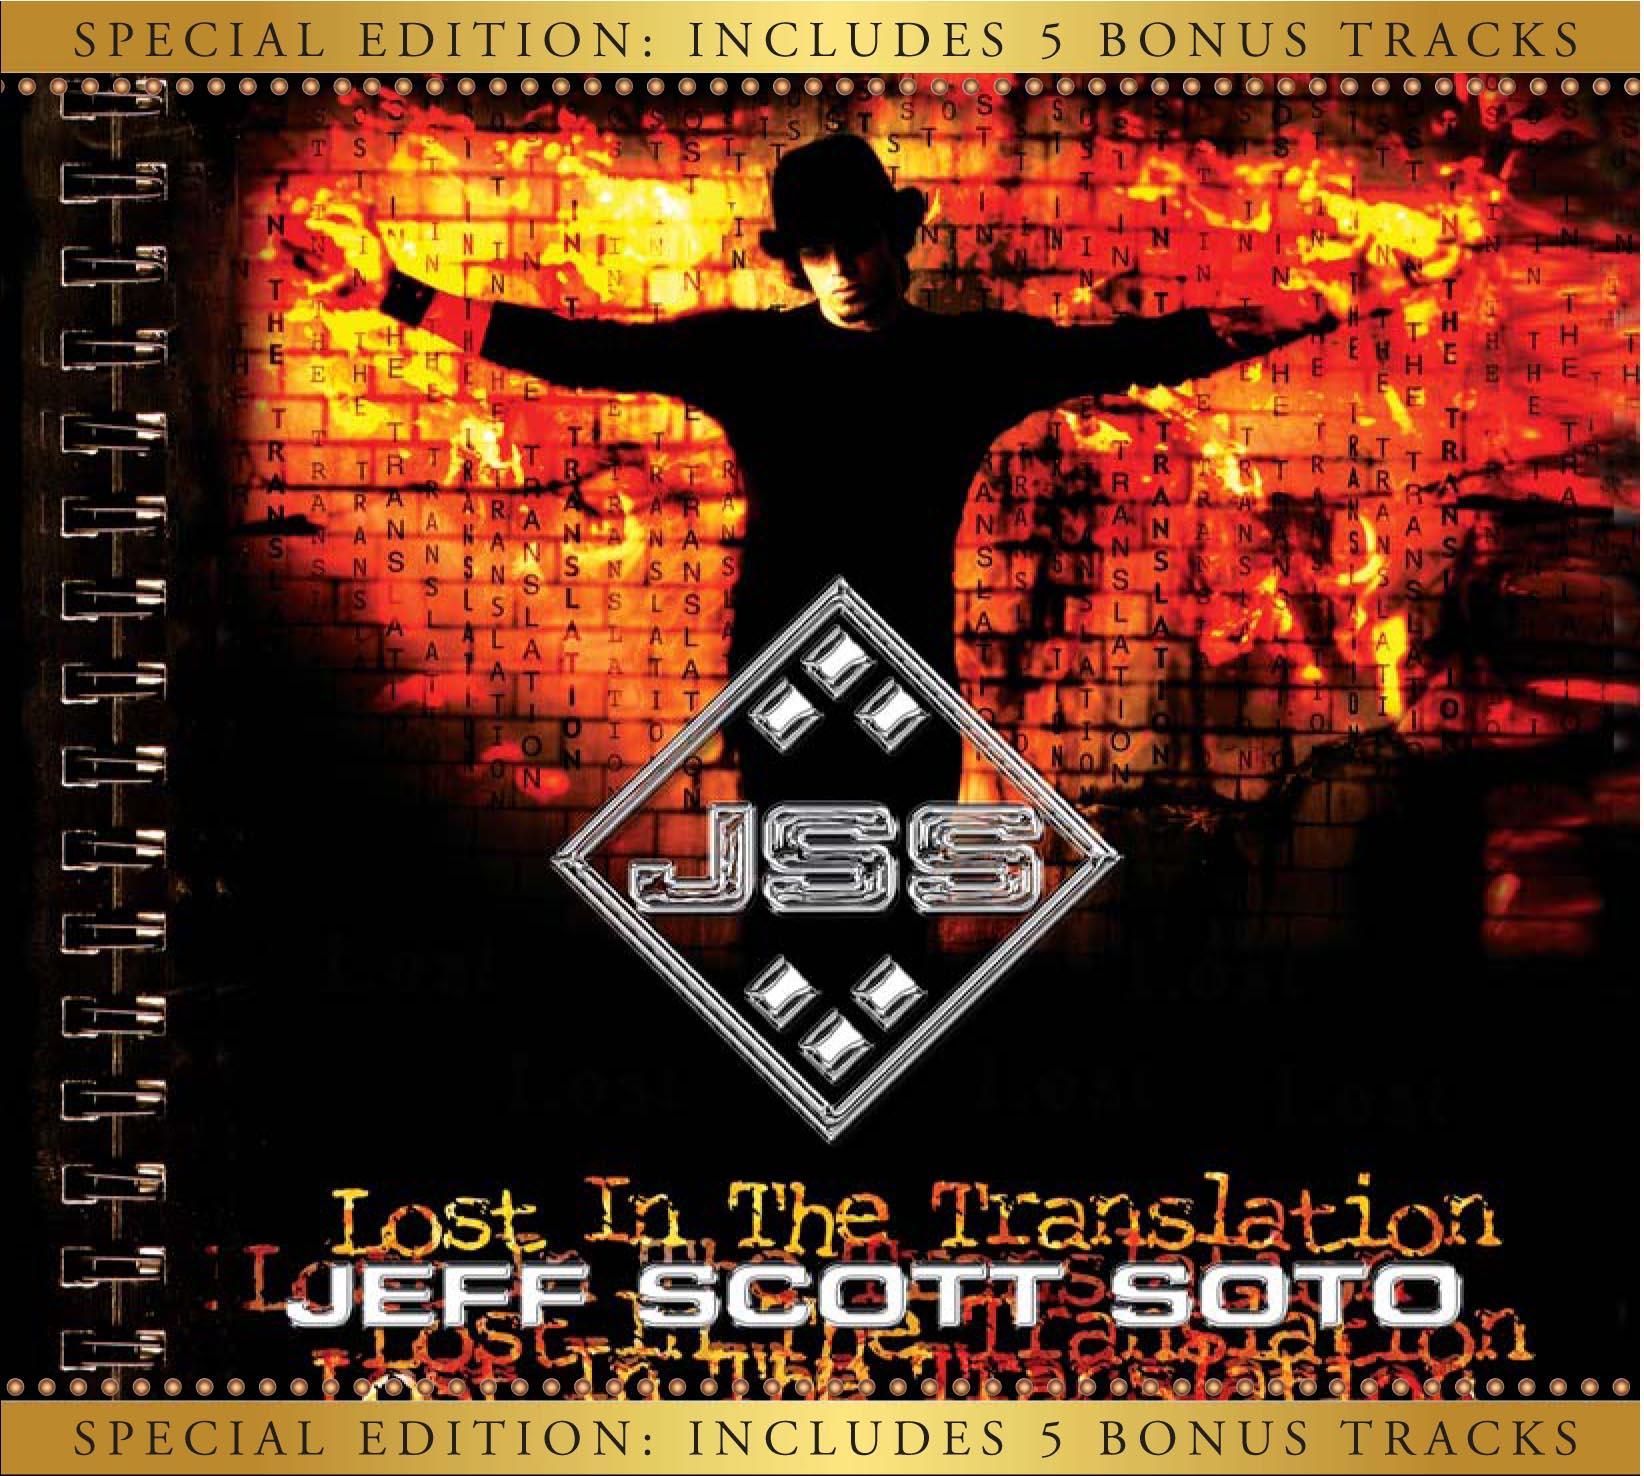 Jeff Scott Soto   Hard Rock Hideout